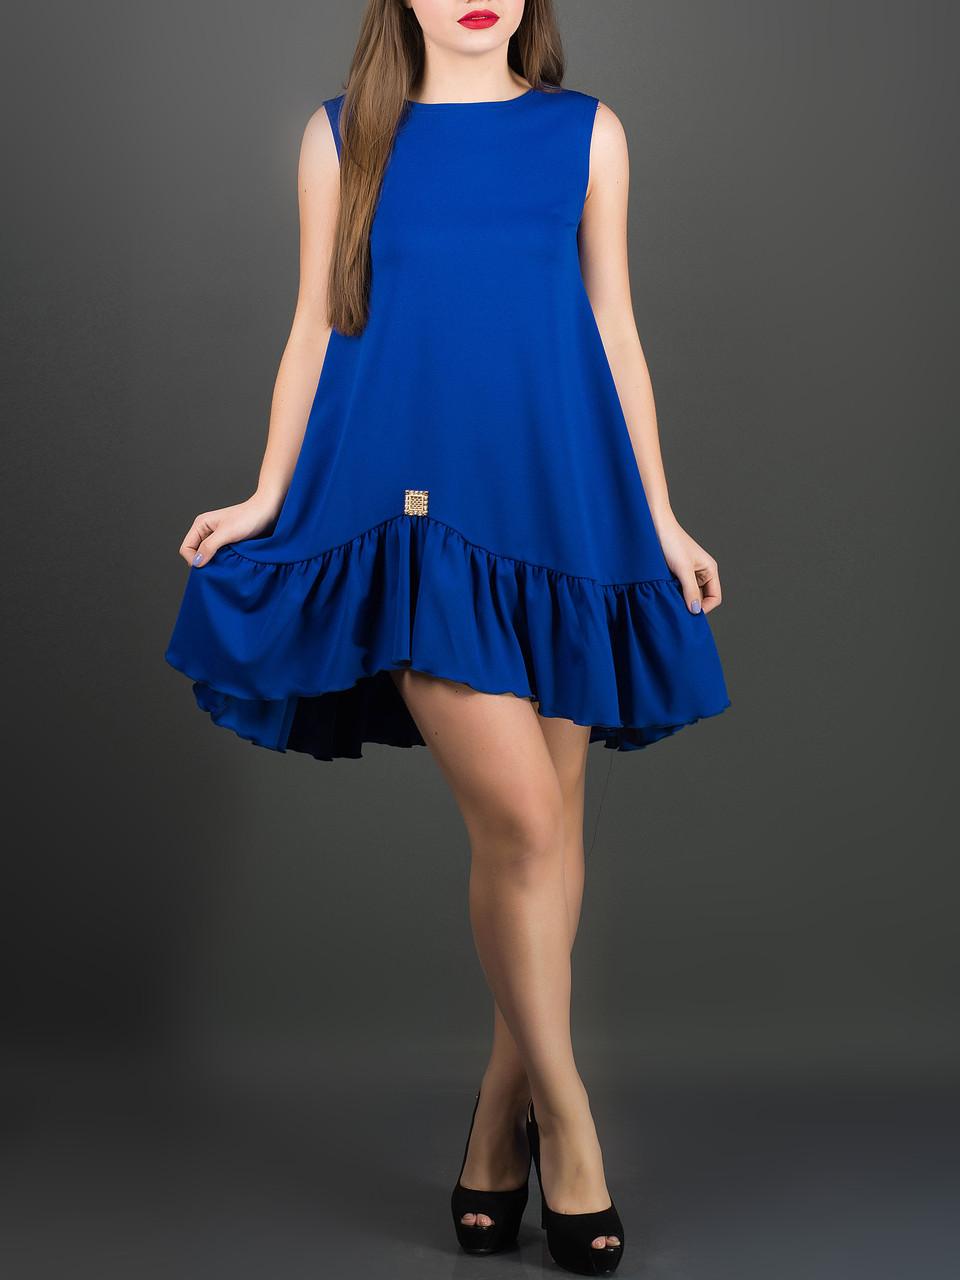 """Яркое женское платье """"Роми электрик"""", до 52 размера"""